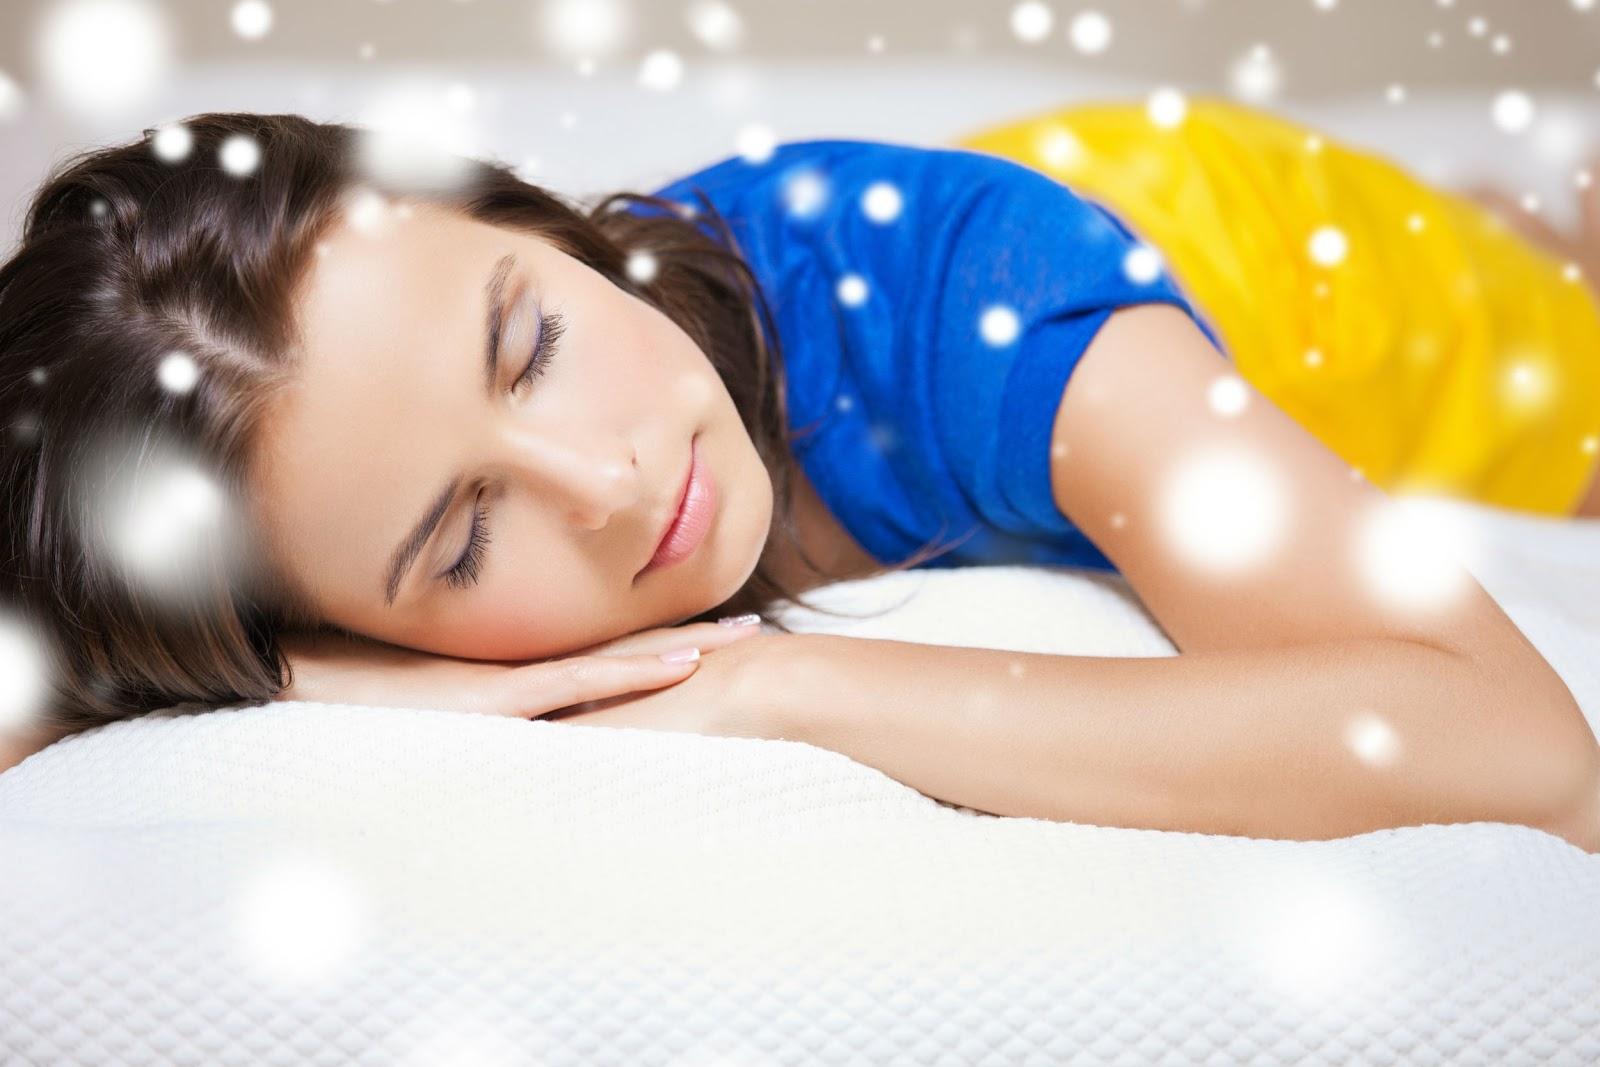 Comment bien dormir 6 trucs pour bien dormir lorsque vous ne dormez pas l - Oreiller pour bien dormir ...